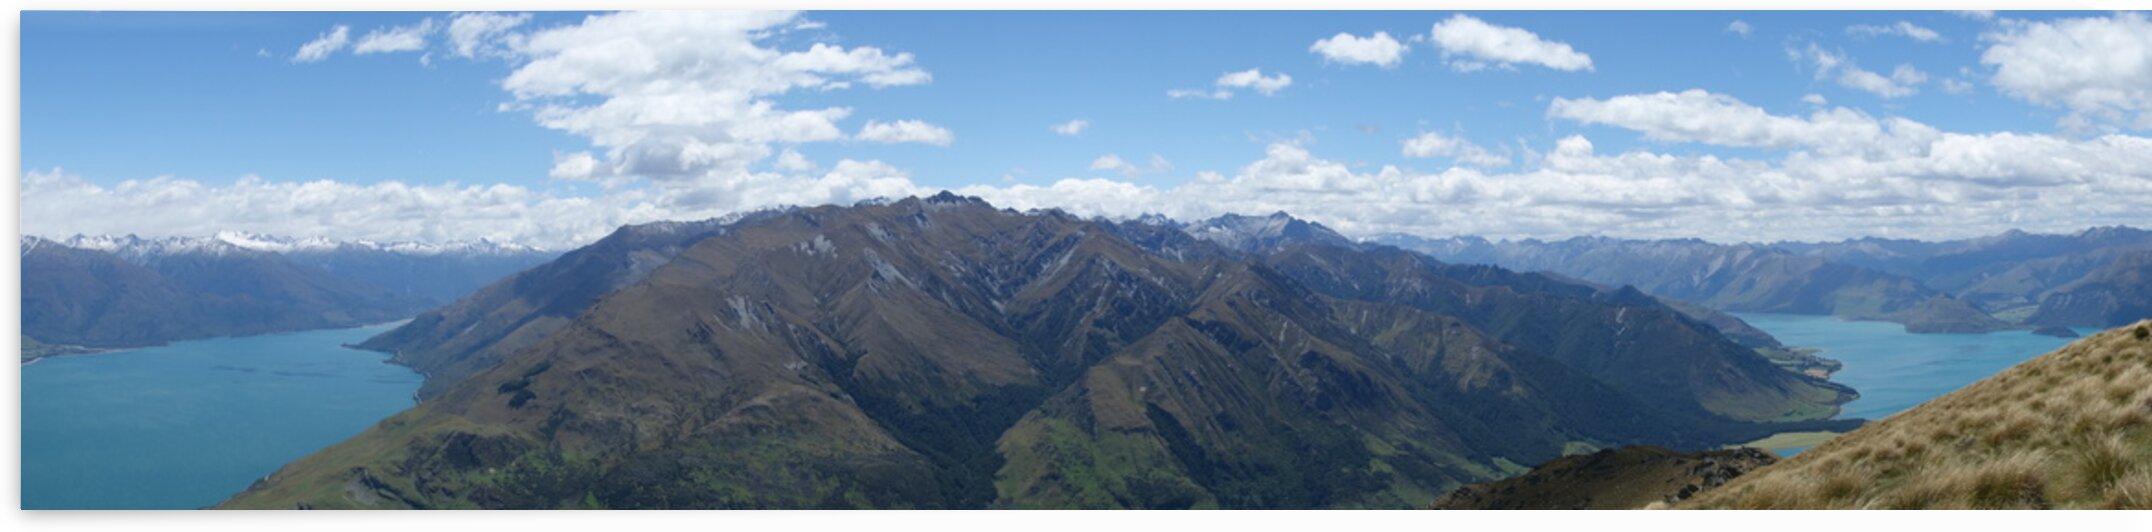 Isthmus Peak by frankc